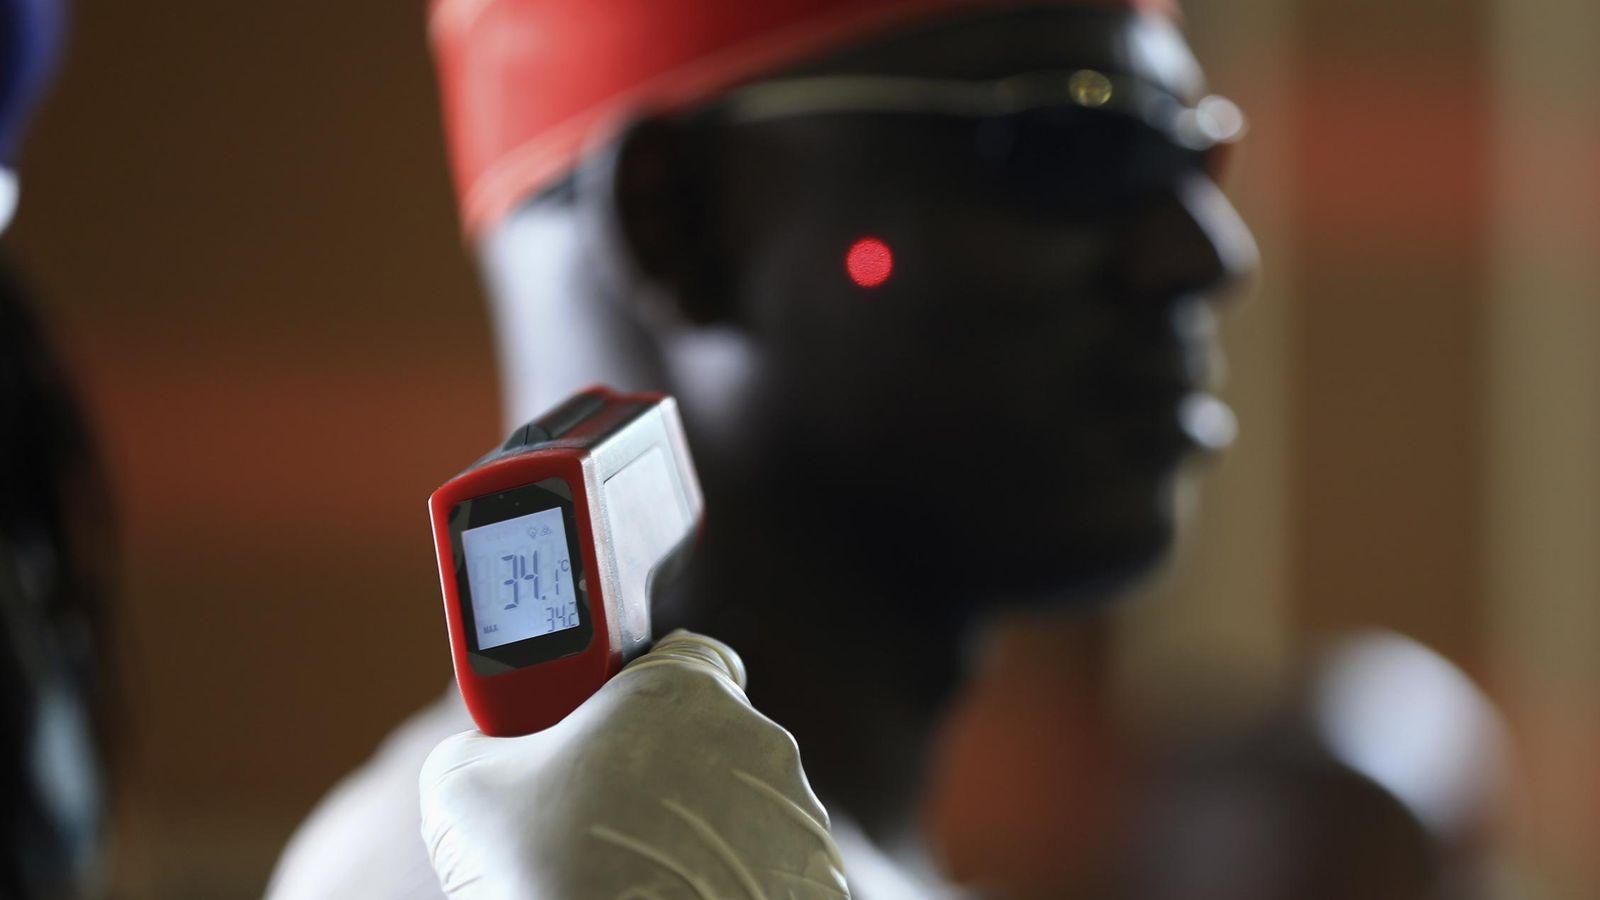 Foto: Un sanitario toma la temperatura a un hombre en el Aeropuerto Internacional Nnamdi Azikiwe, en Nigeria, durante la crisis del ébola. (Reuters)